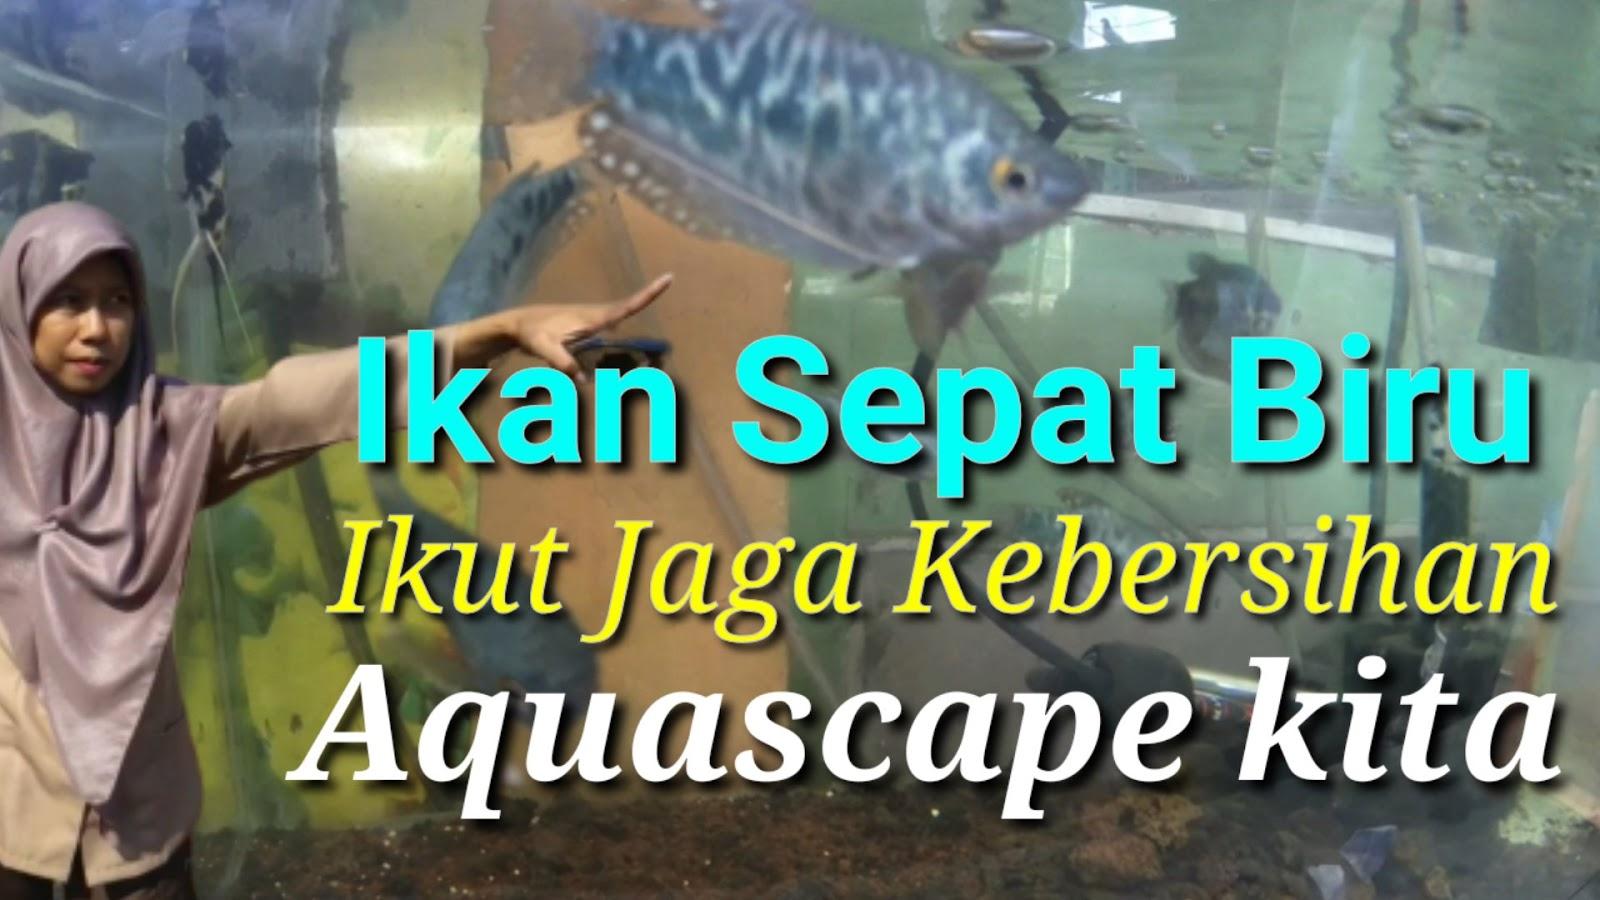 Ikan Sepat Biru, Ikut Jaga Kebersihan Aquascape Kita